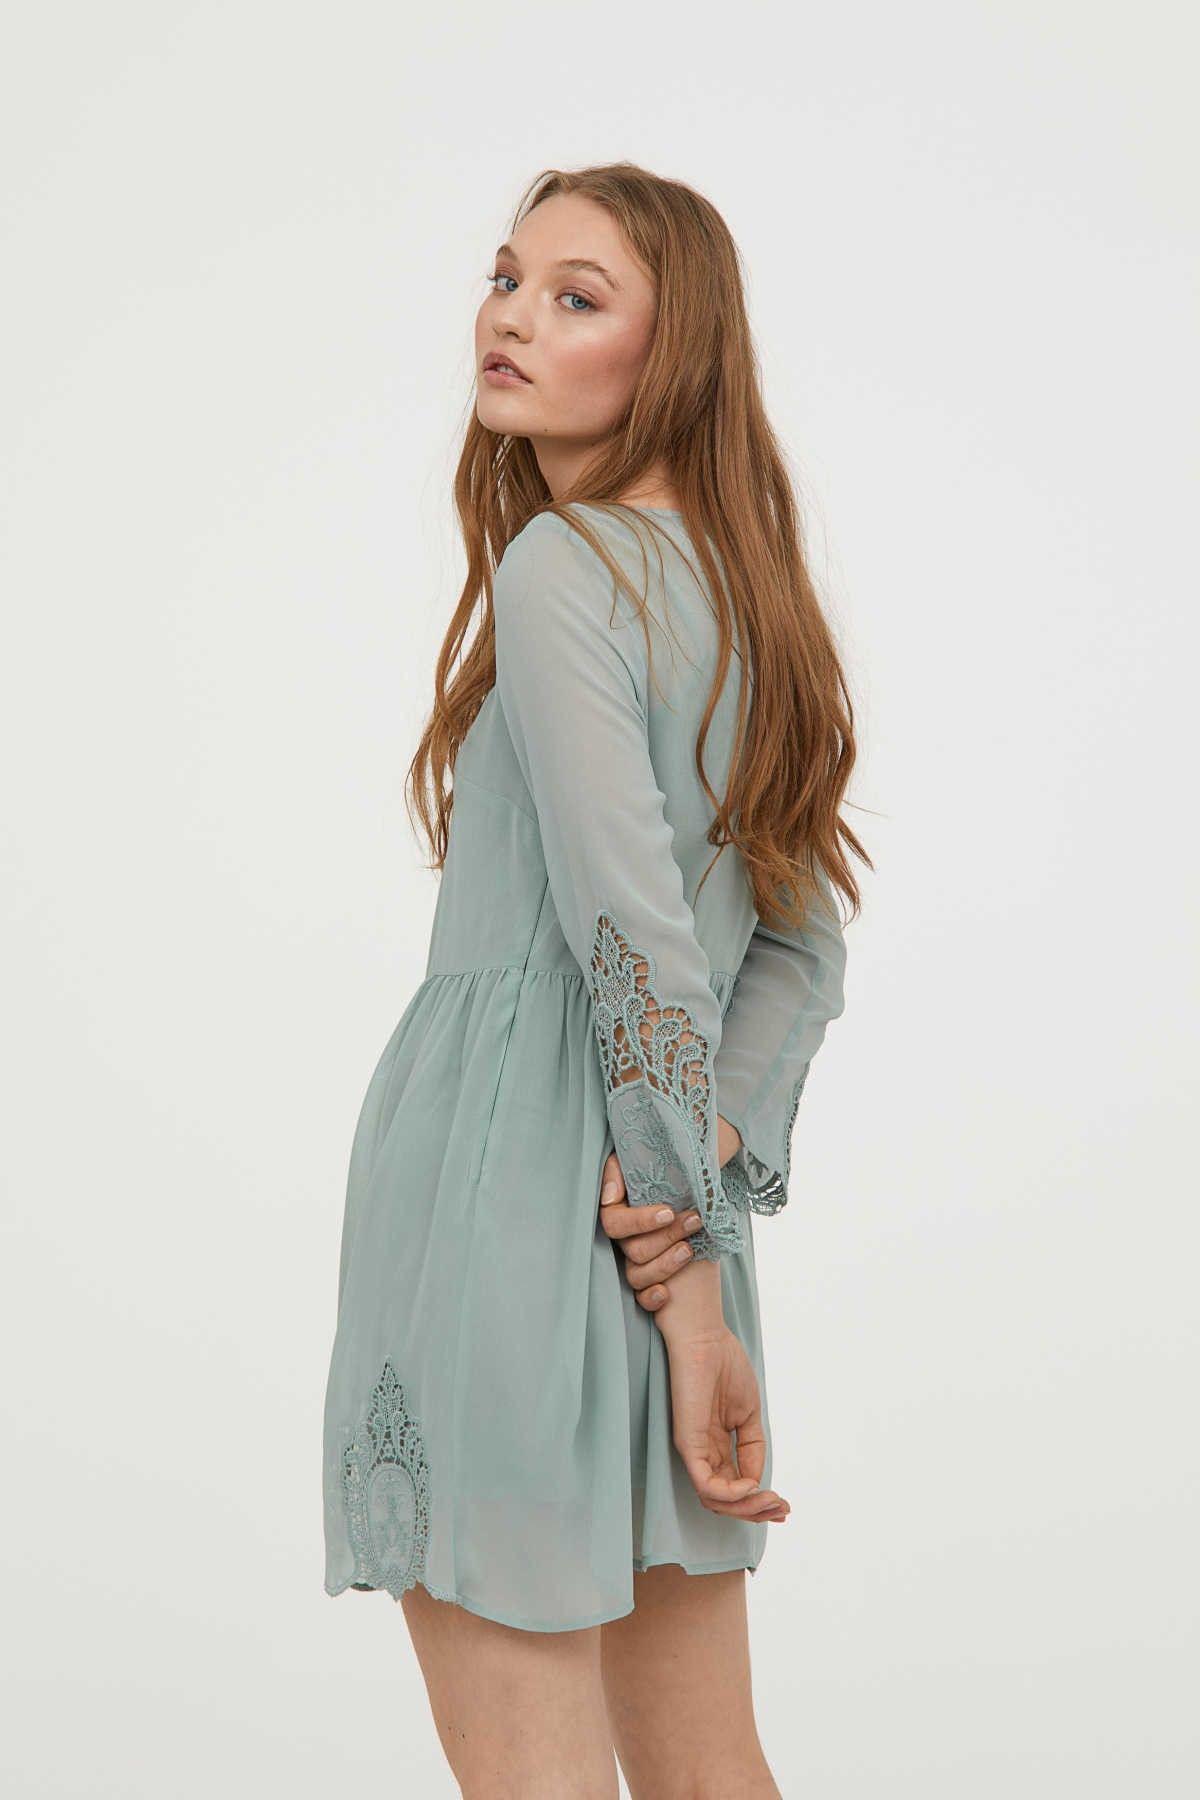 Modestilbild Von Steffi Rie Auf Clothes  Mode Elegante